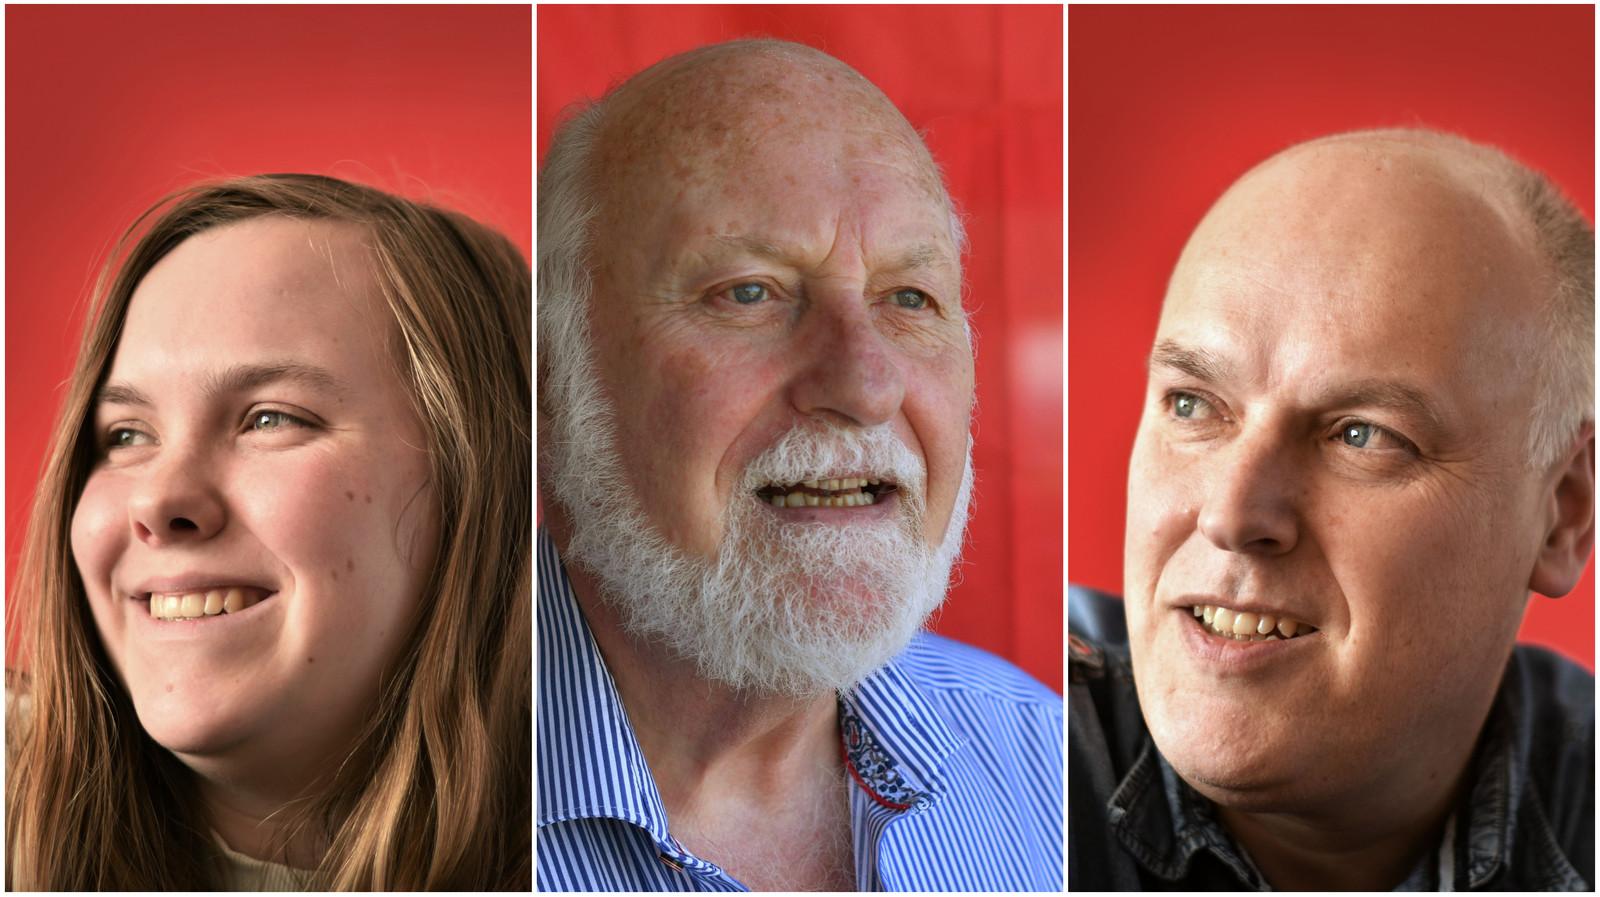 Vlnr: Femke, Piet en Pieter Straub